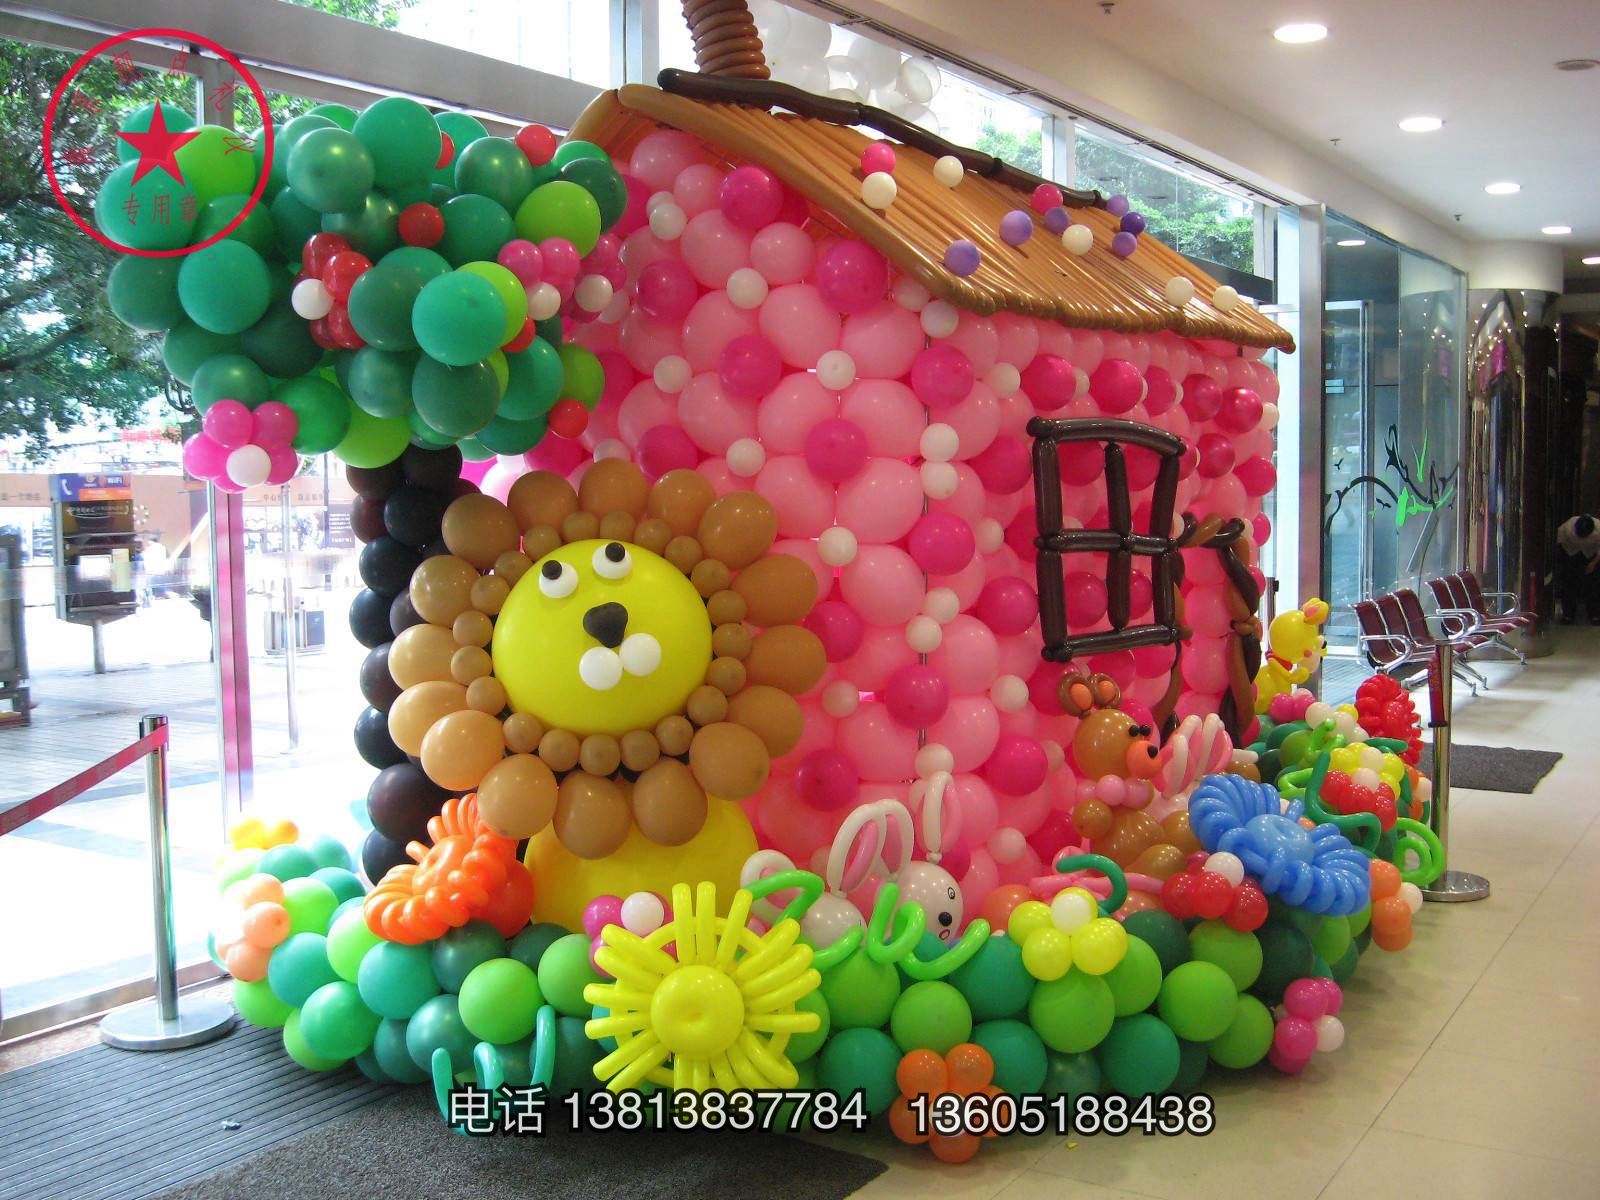 南京气球装饰_网上逛街_大港在线